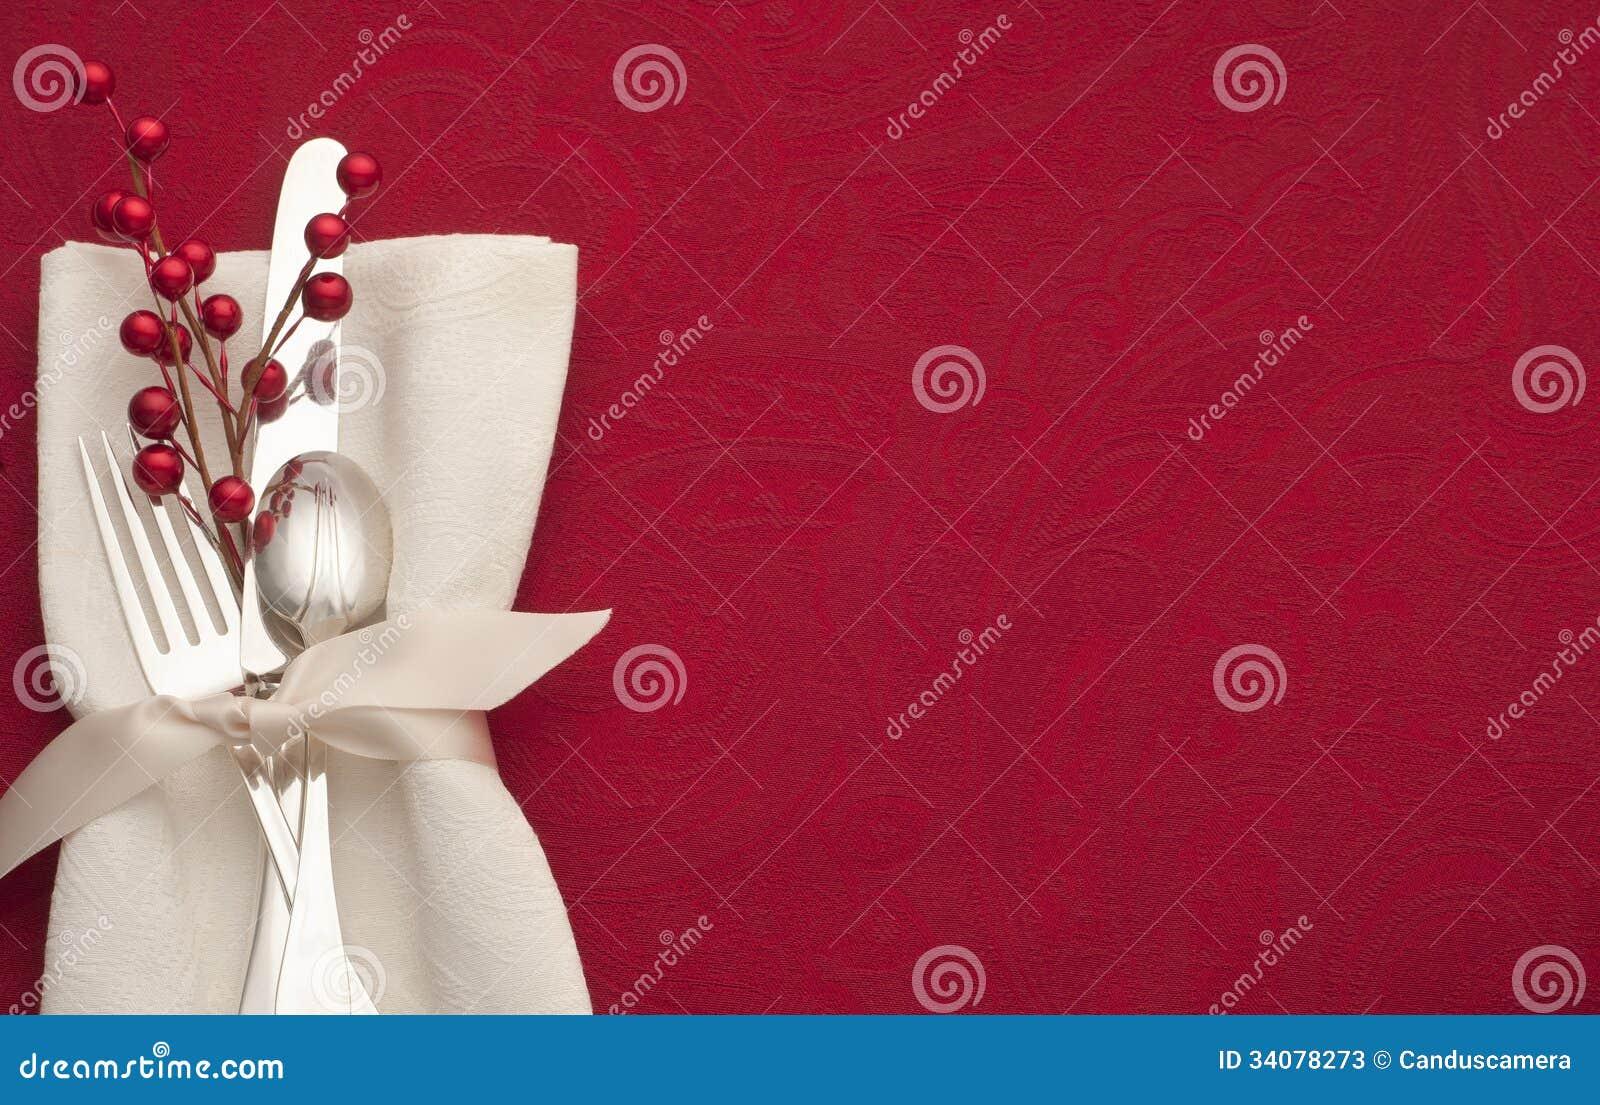 Jul bordlägger i rött med bestick, garnering och den vita servetten